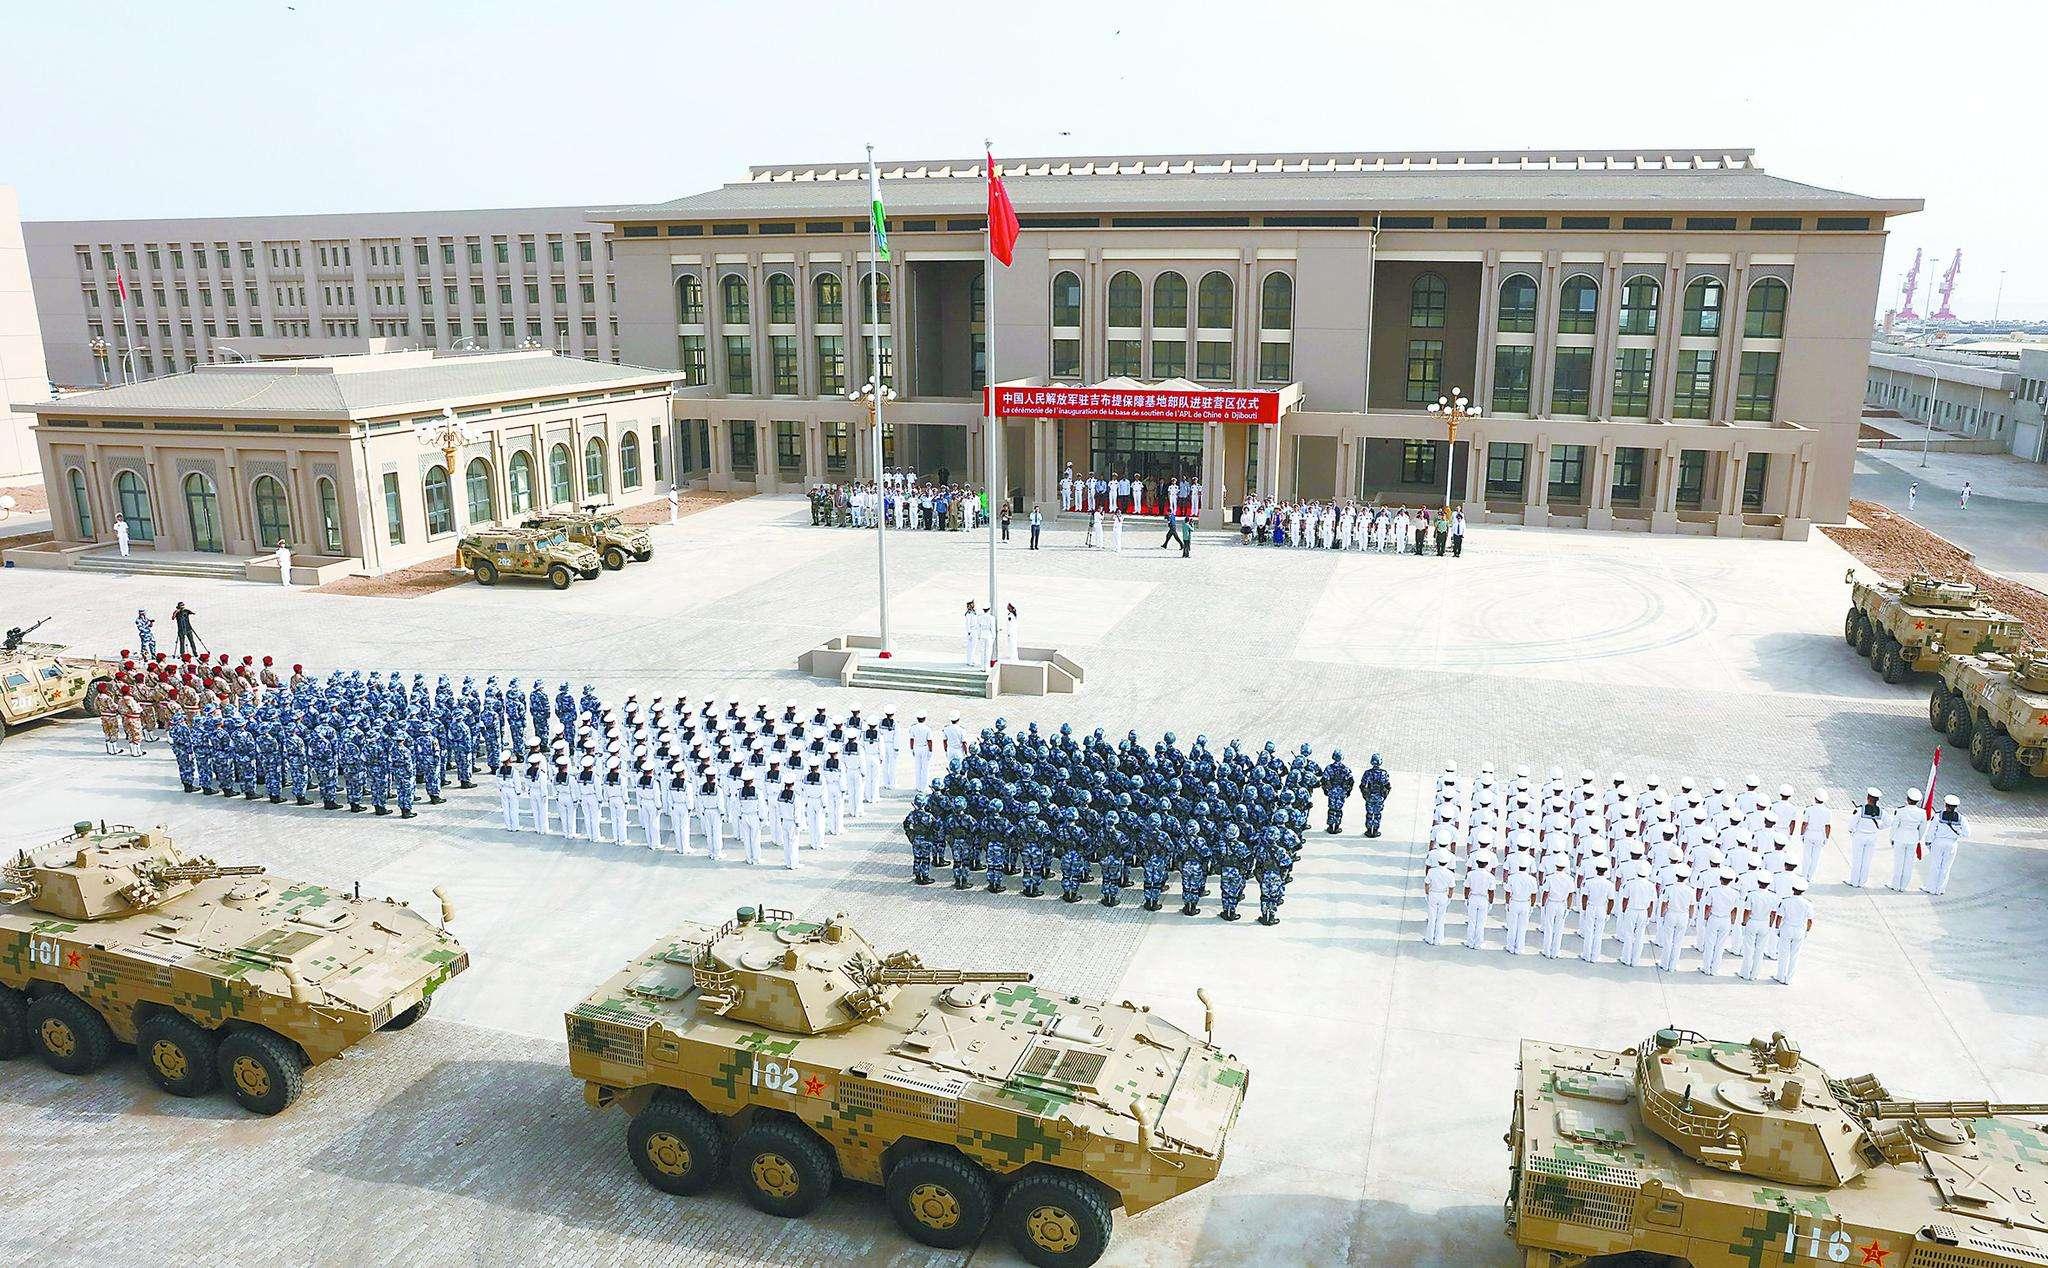 吉布提保障基地是解放军的首个海外基地